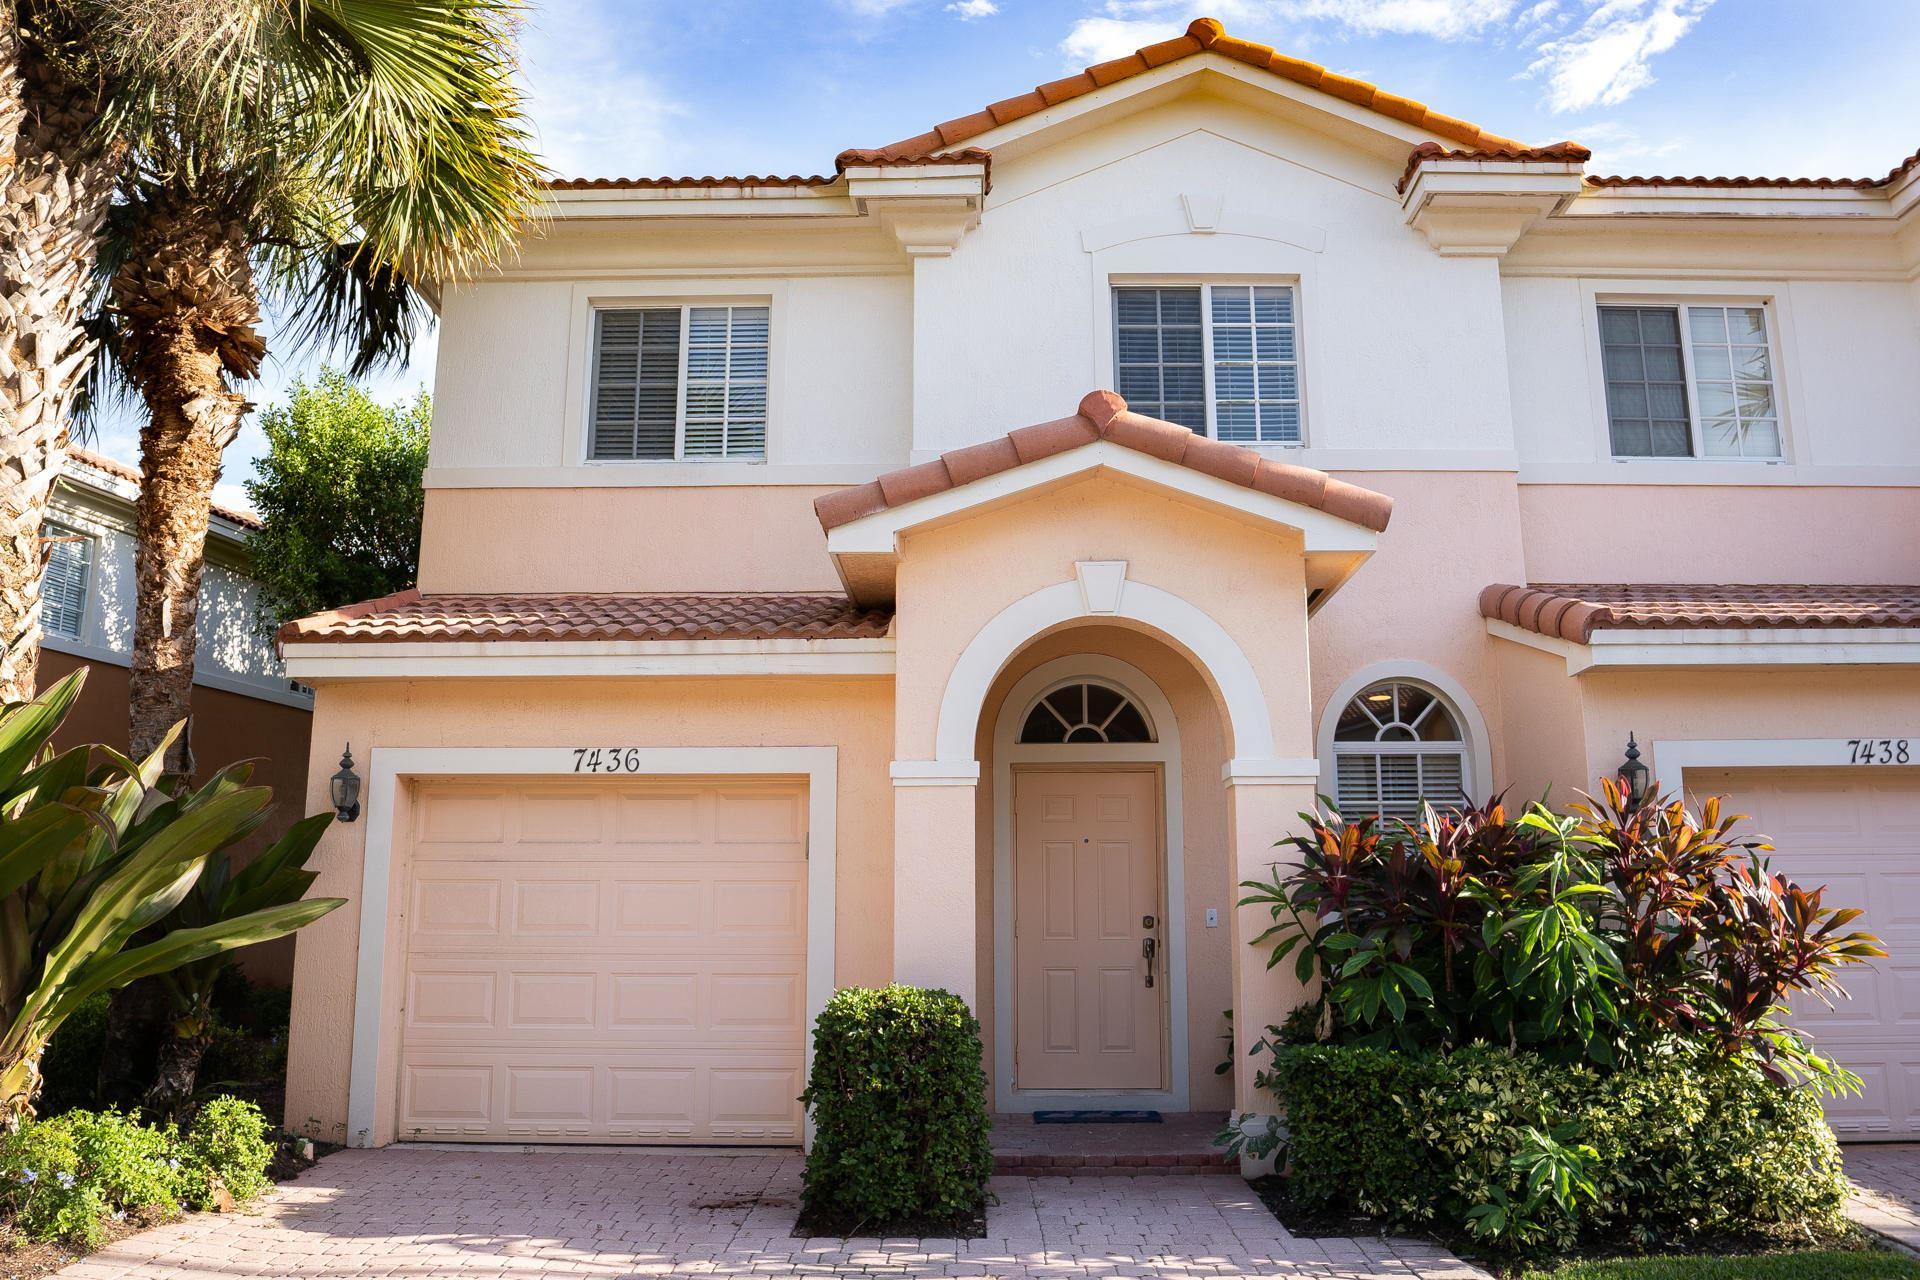 7436 Briella Drive, Boynton Beach, FL 33437 - #: RX-10656302